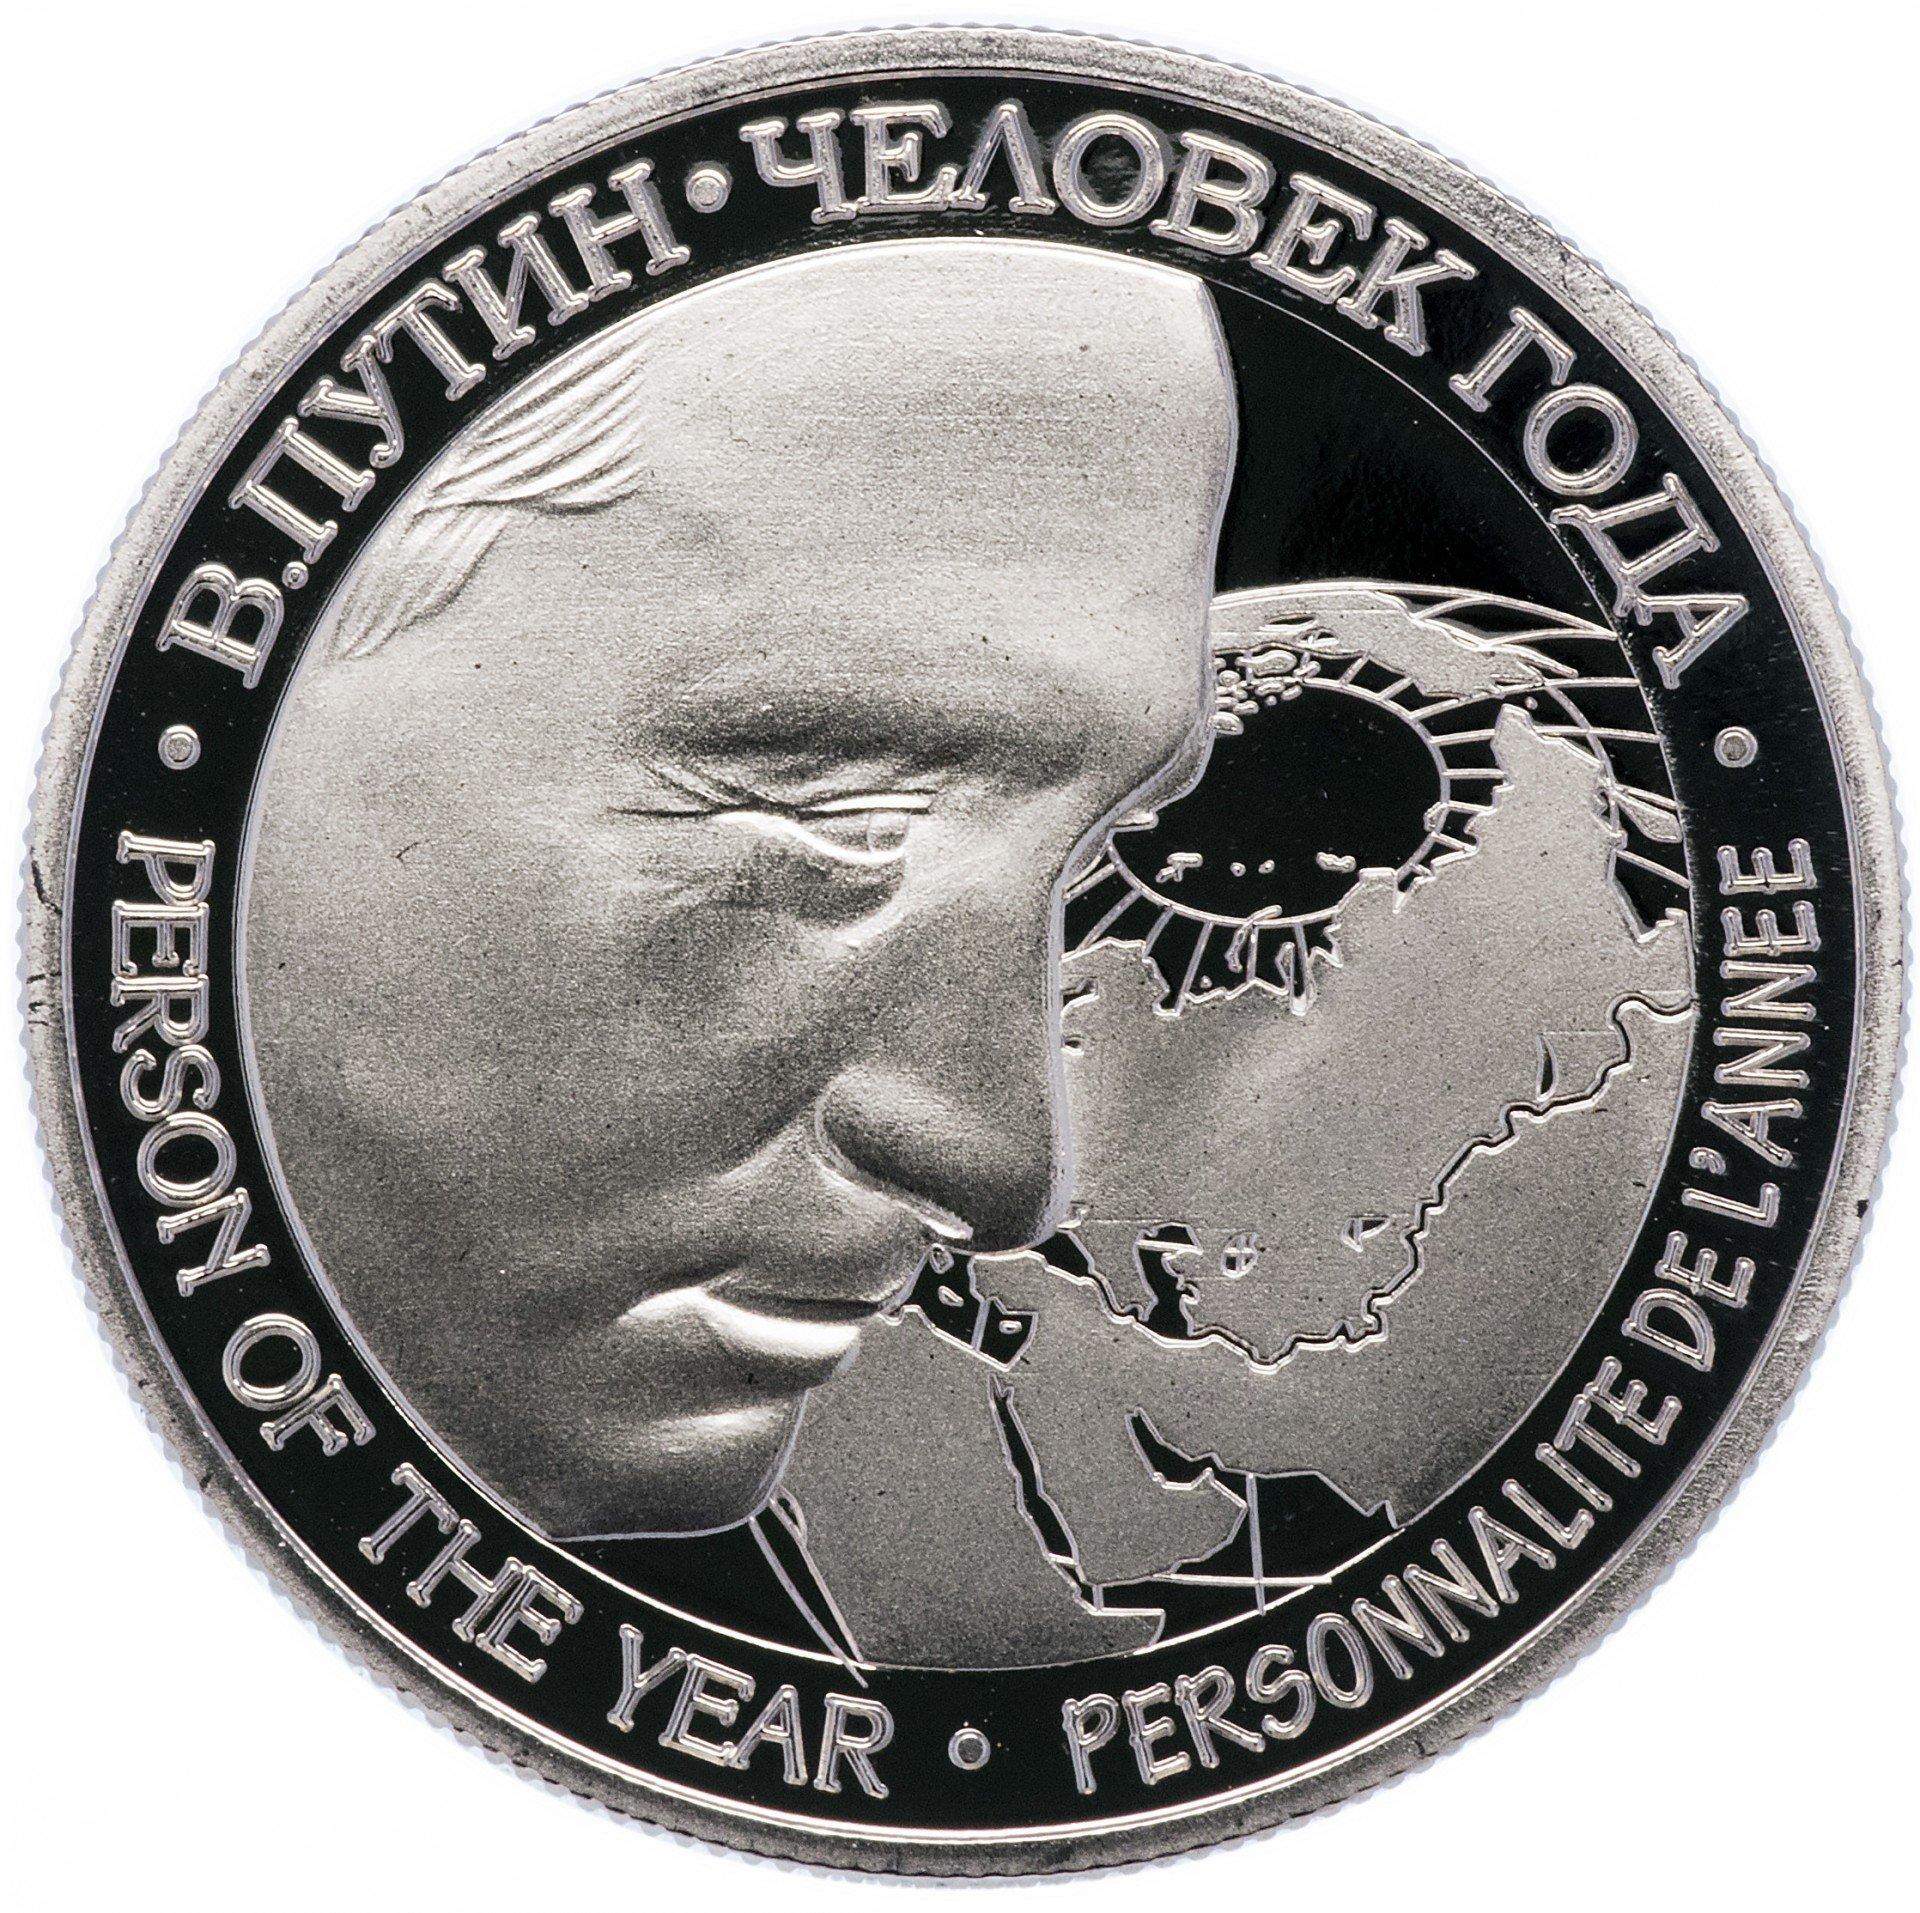 Купить монету путин человек года 1 копейка украина